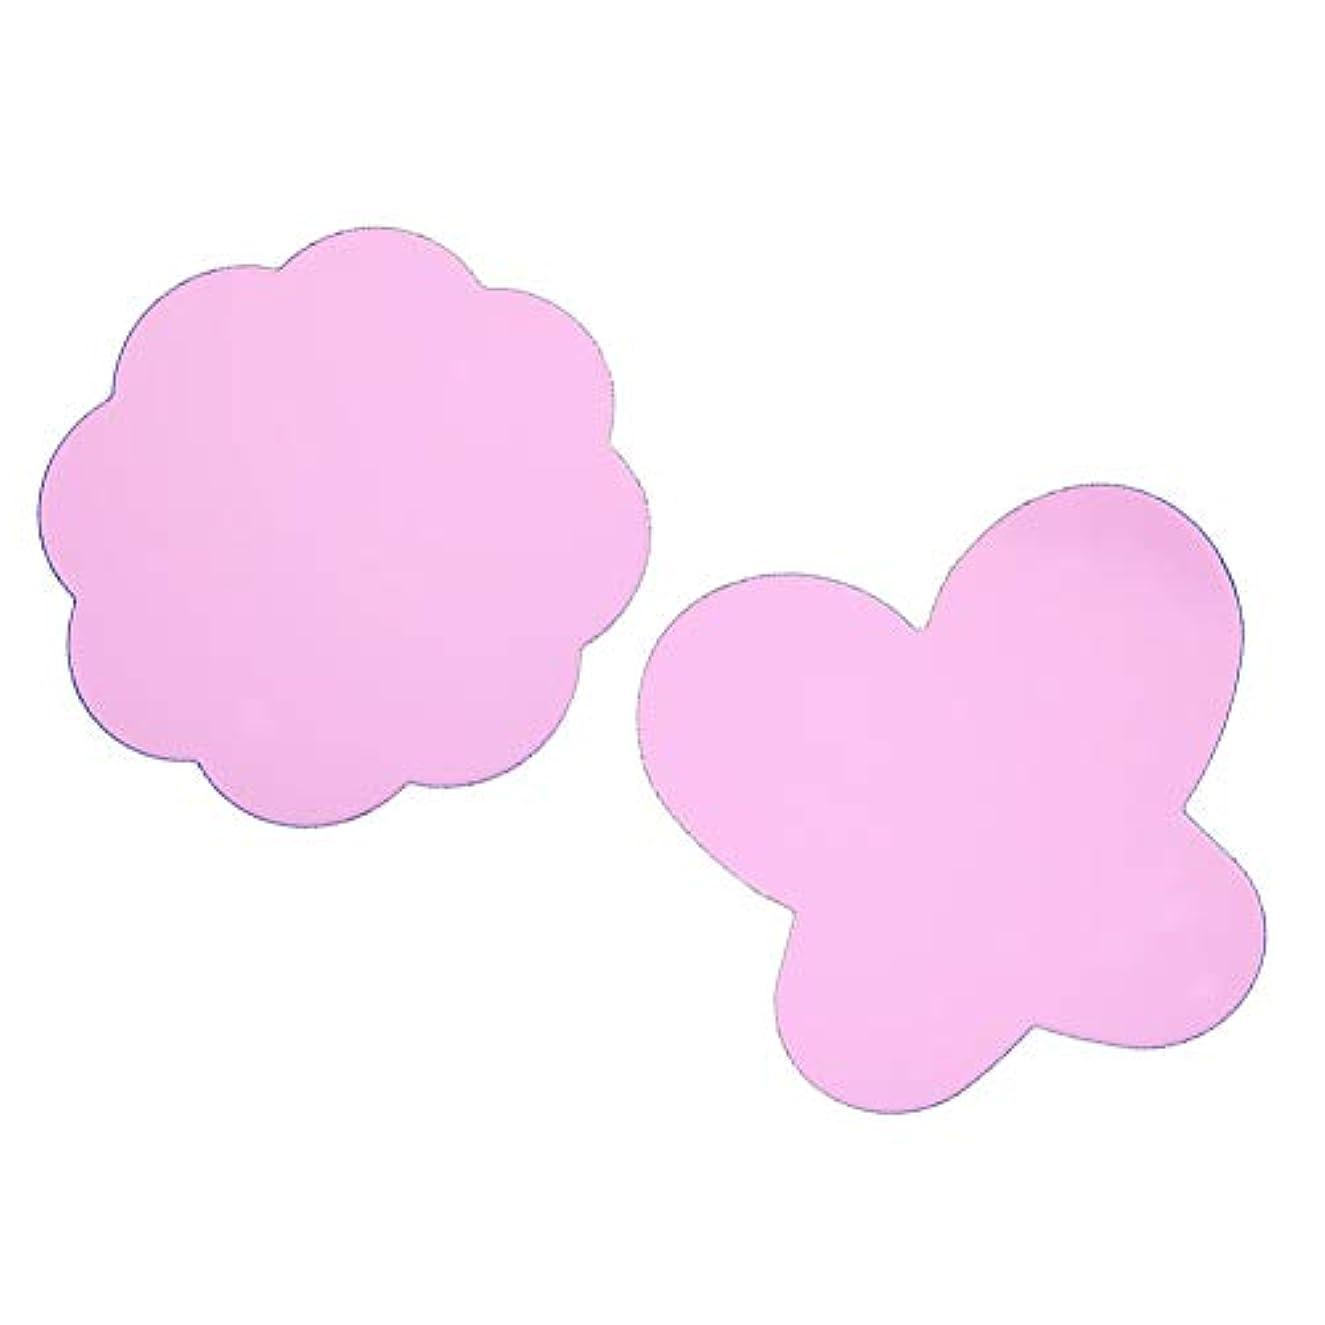 出口不満土器(ピンク)2折り畳み可能なシリコーンパッド塗料パレット洗浄バタフライプラムネイルDIY爪スタンピングツールパッド